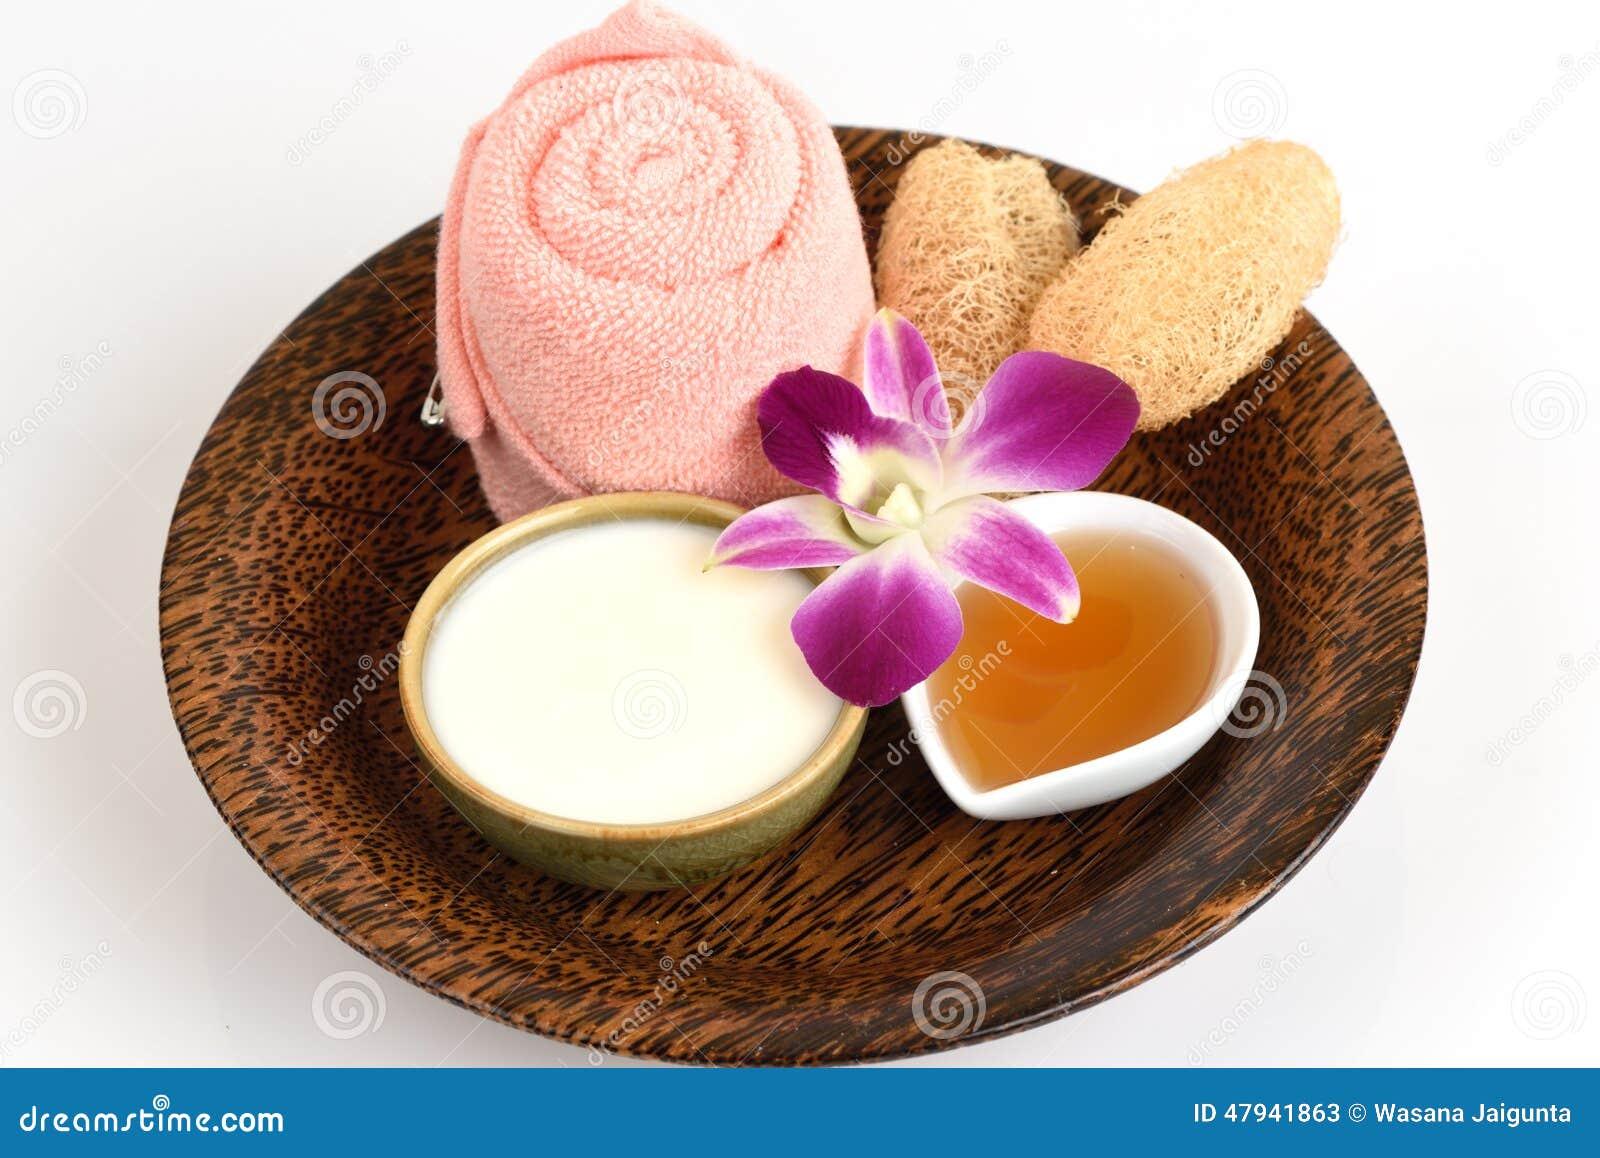 Maschera di protezione con yogurt e miele